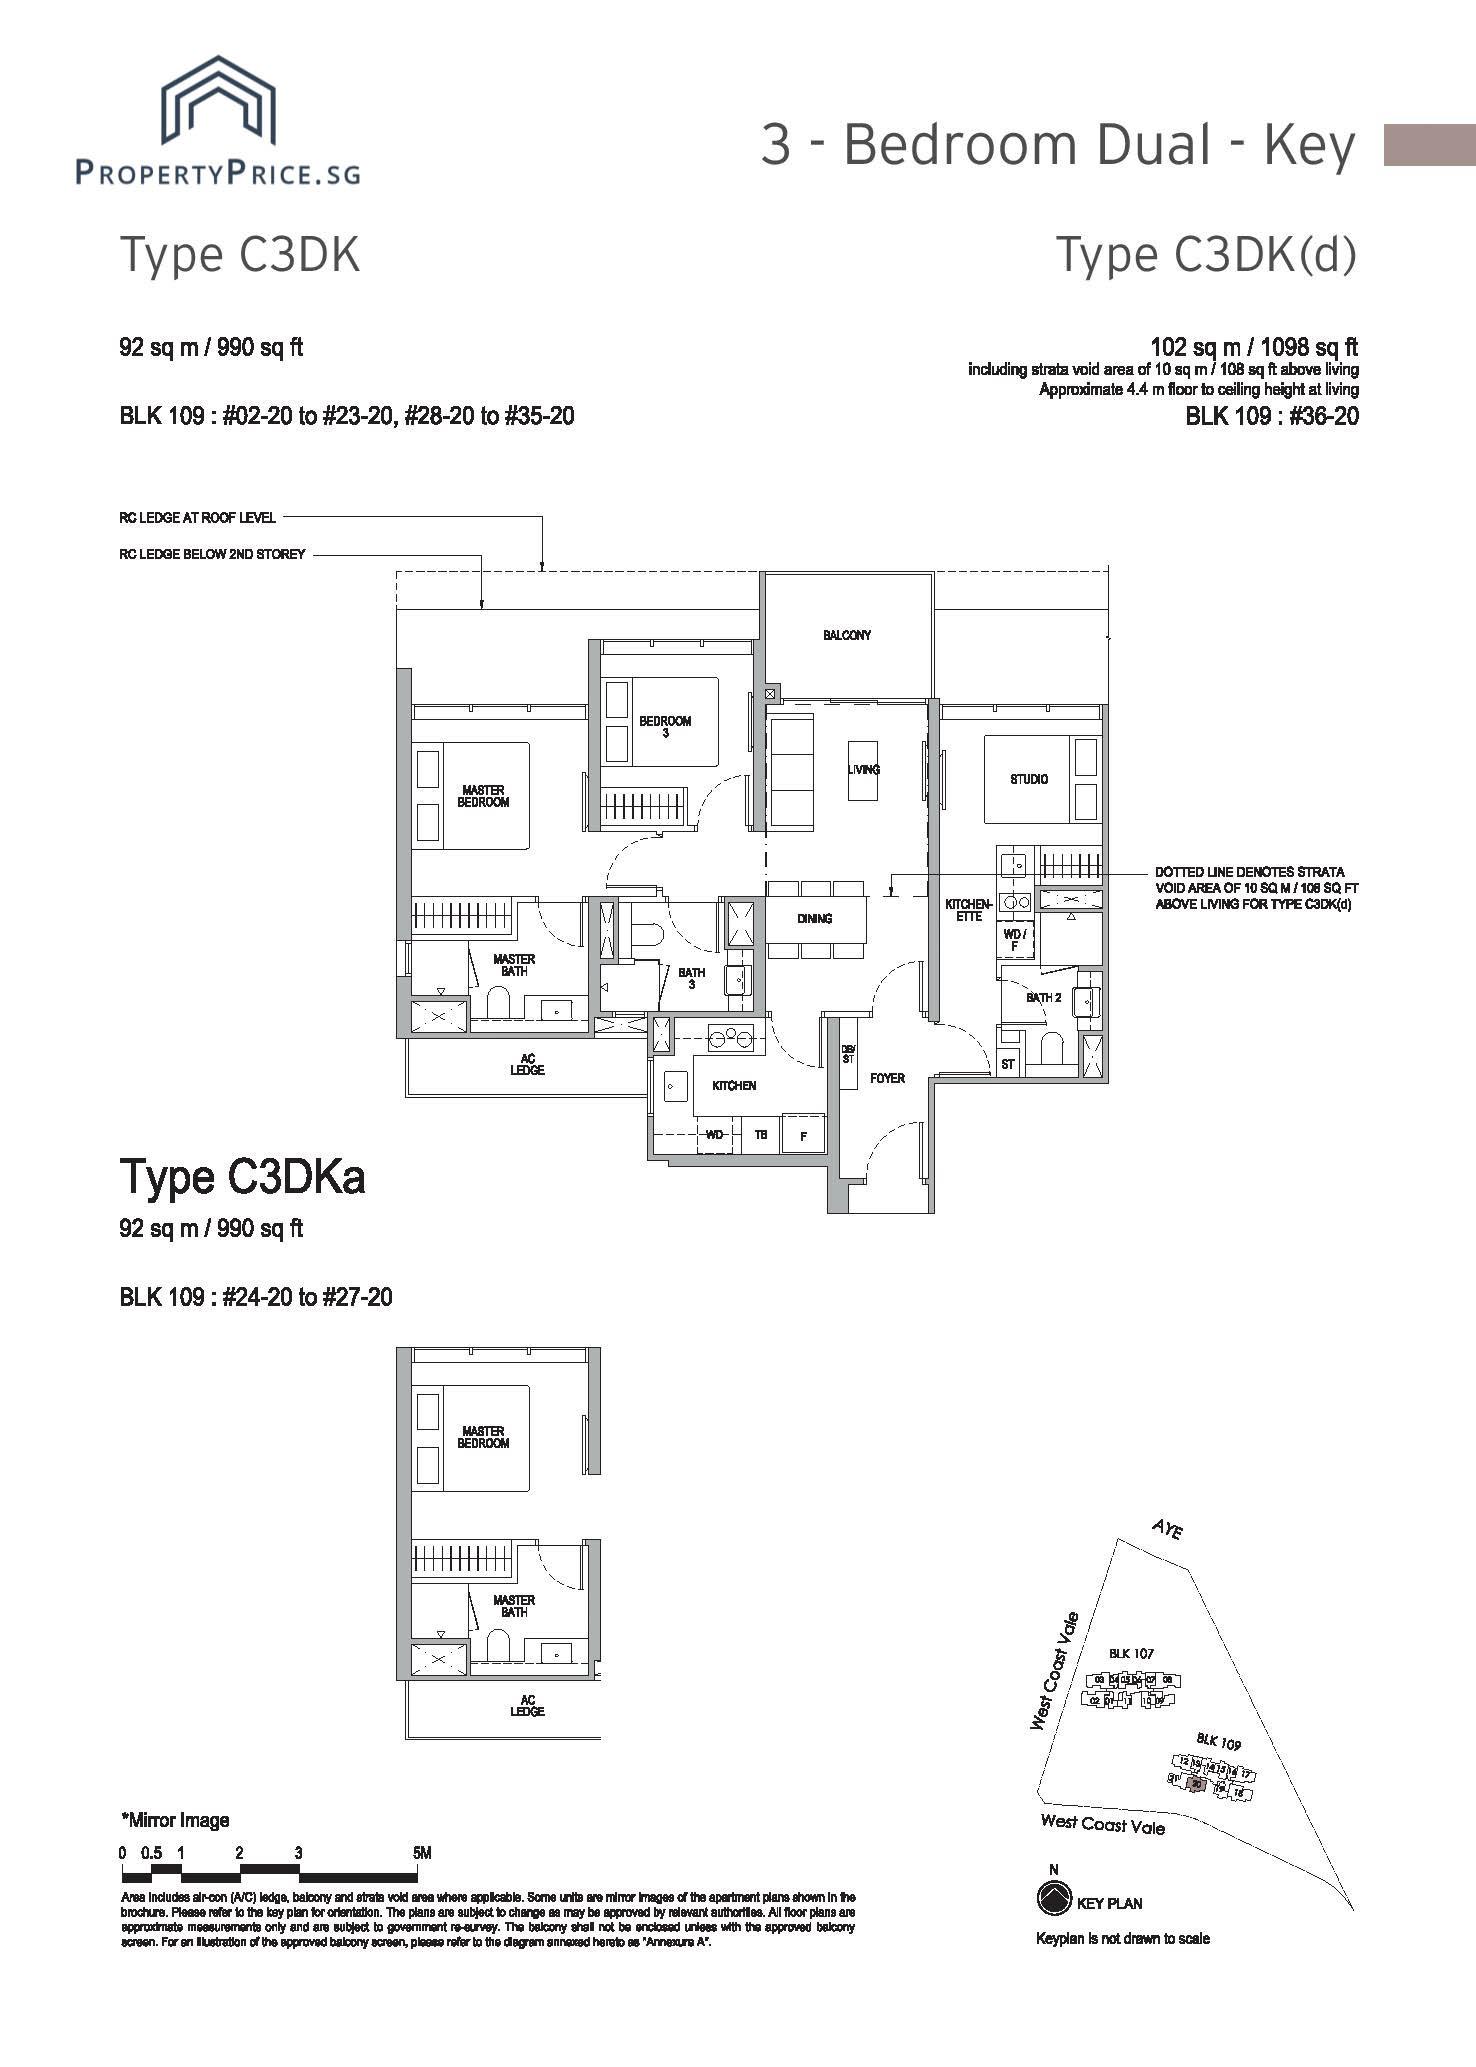 Type C3DK